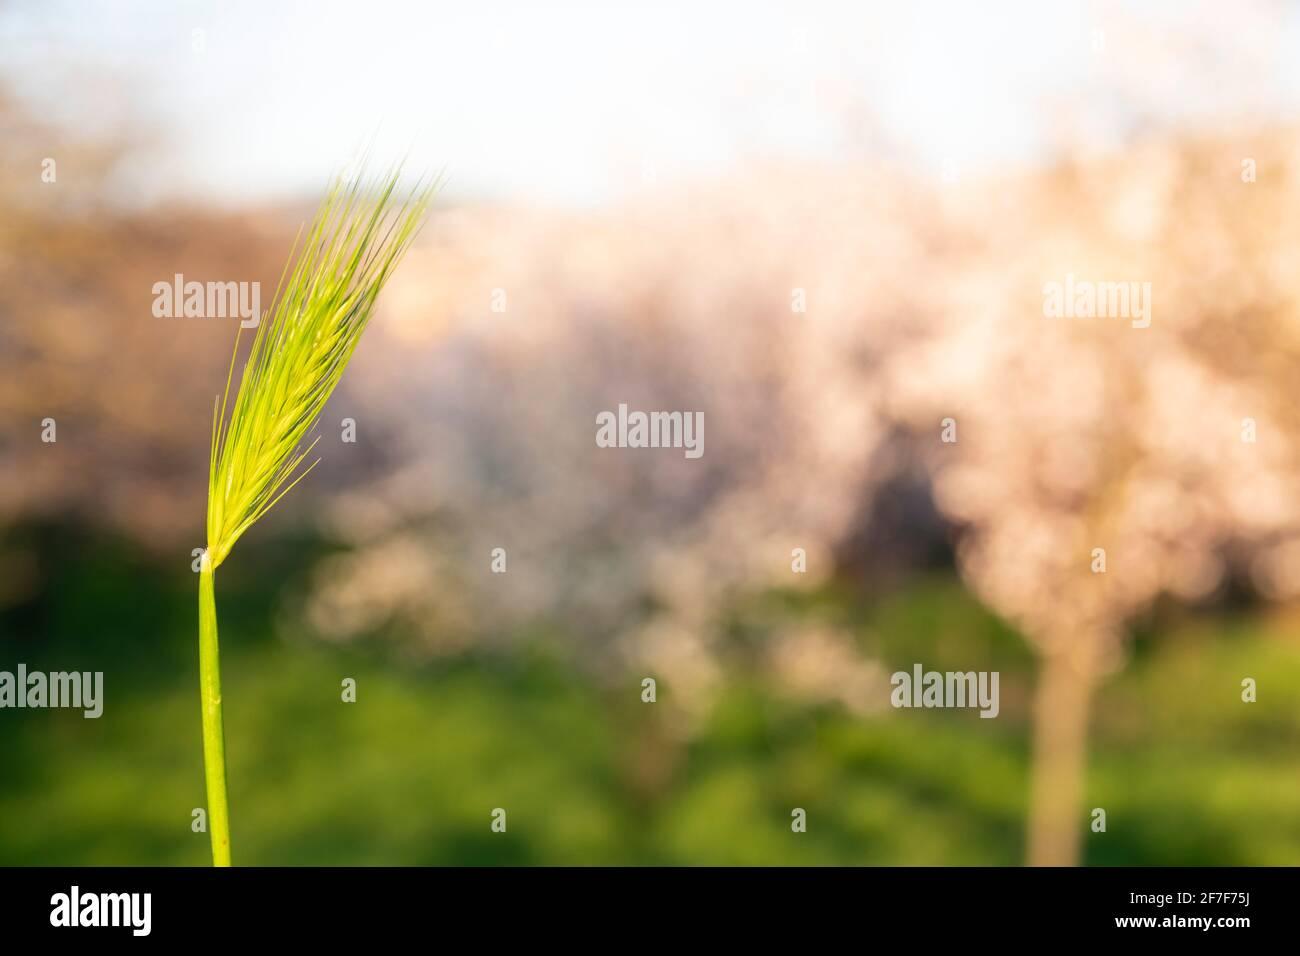 Frühlings- und Wachstumskonzept: Seitenansicht und Nahaufnahme auf grünem Gras an einem sonnigen Tag. Sonnenstrahl, der durch die Blätter scheint. Wachstum der Wirtschaft. Tageslicht. Stockfoto